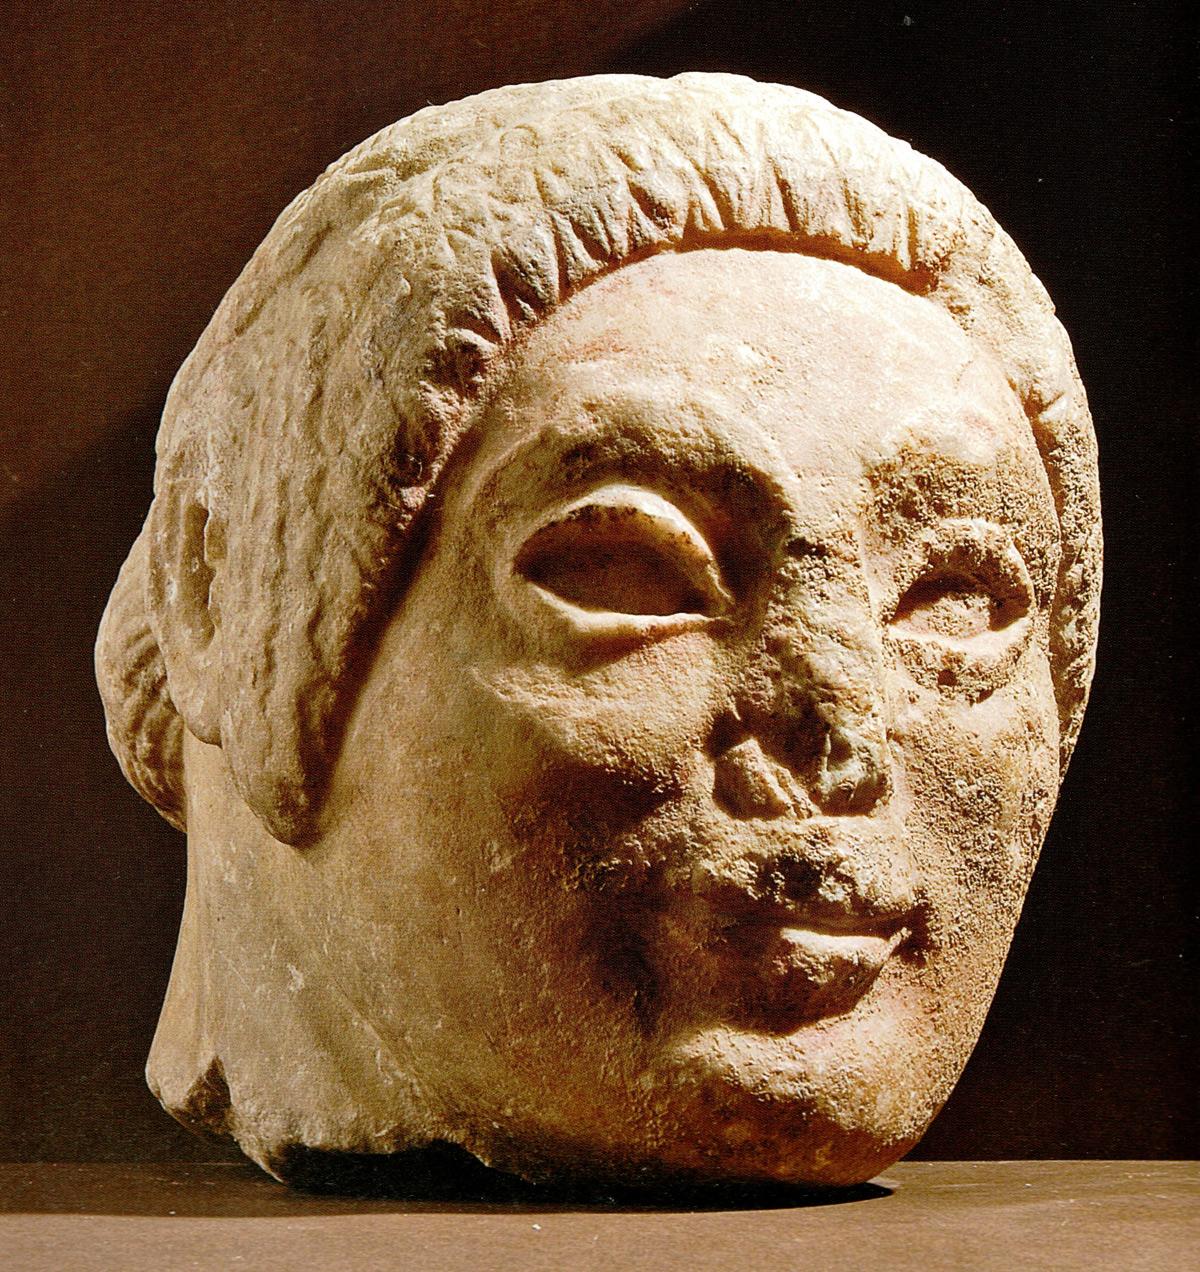 Lo Stato acquista una delle più importanti sculture etrusche: la Testa Lorenzini, finora di privati, andrà in un museo pubblico